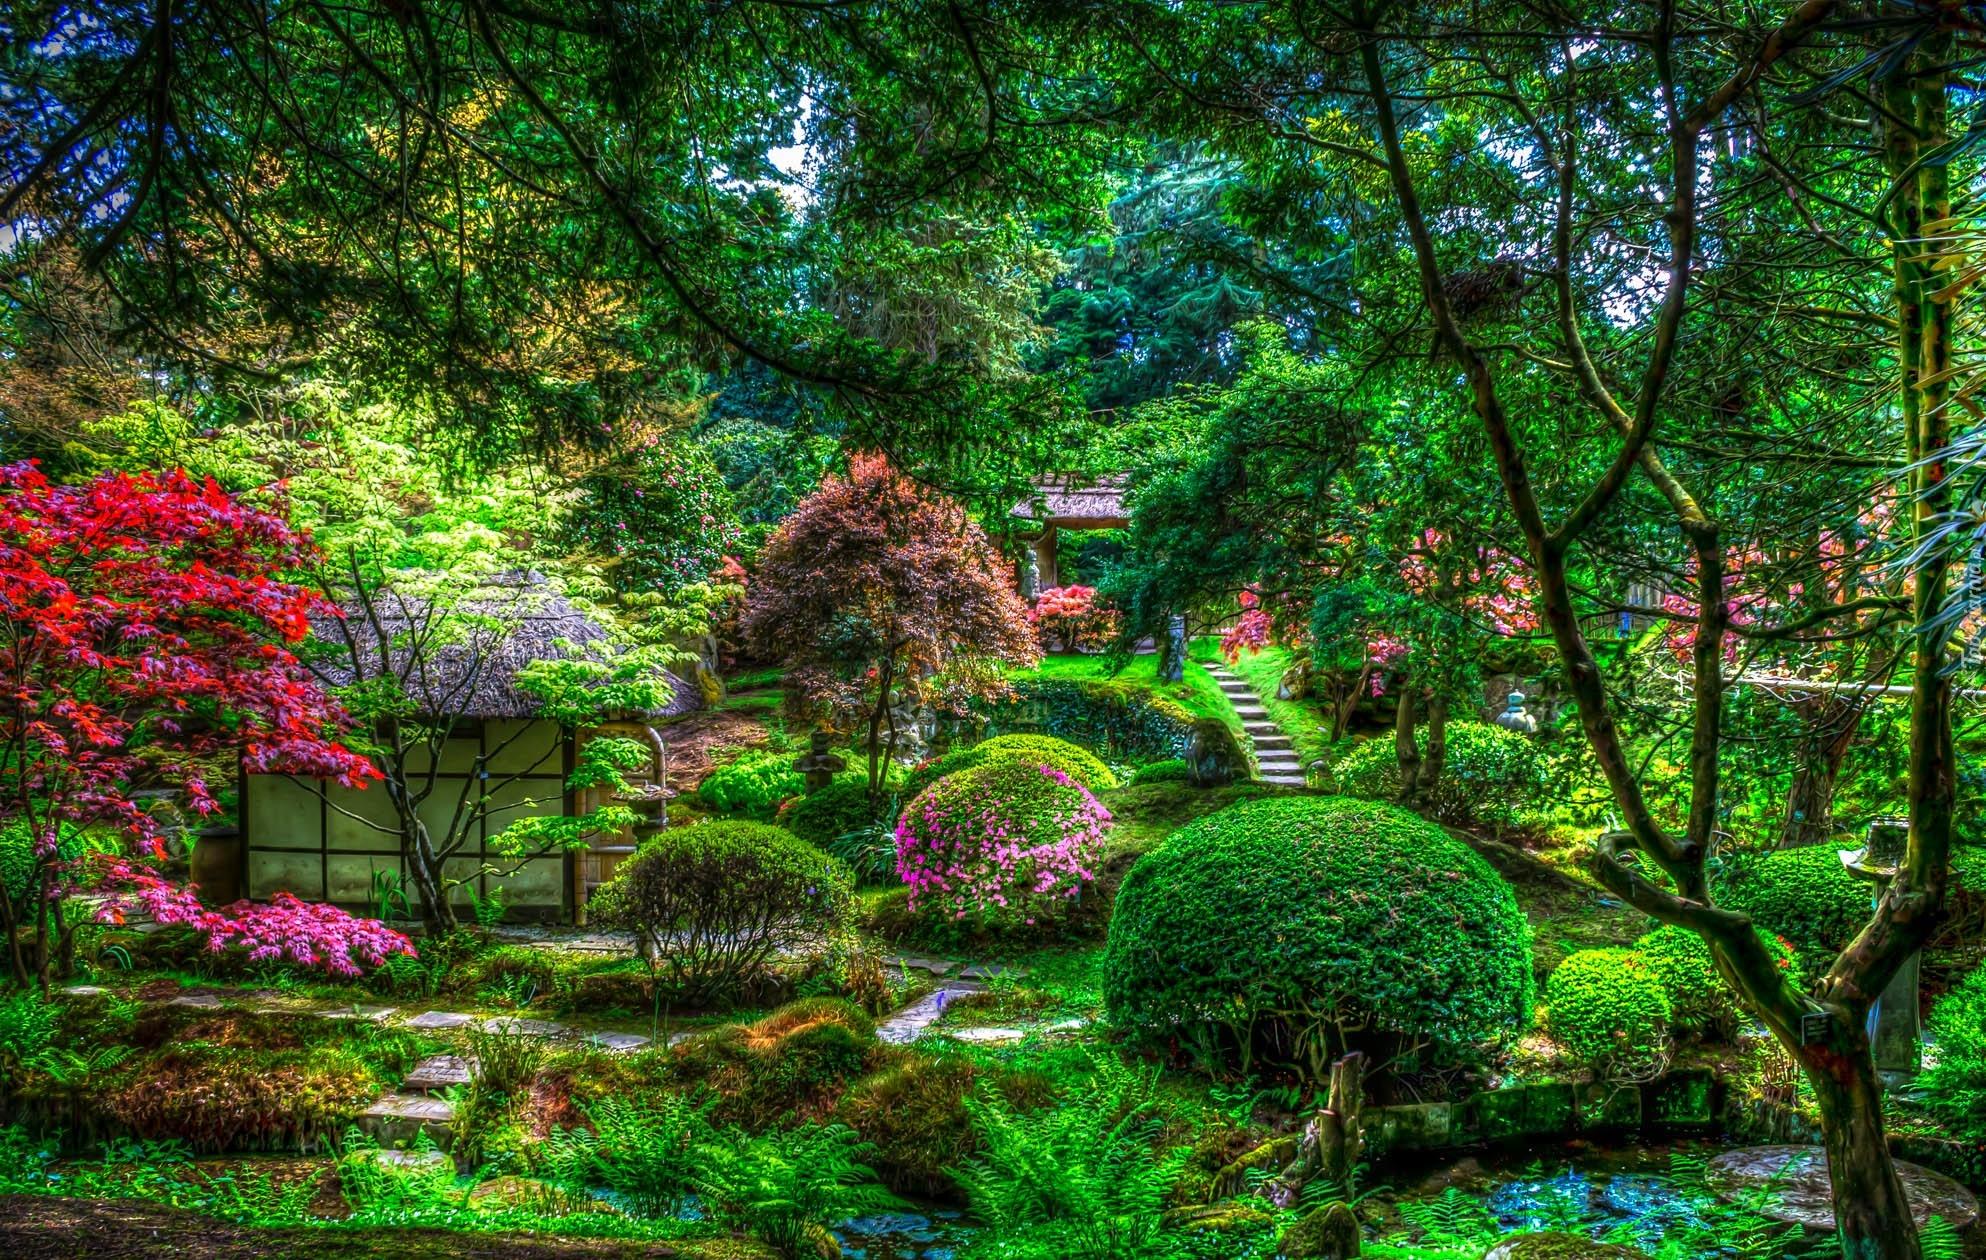 Ogród, Drzewa, Krzewy, Kwiaty